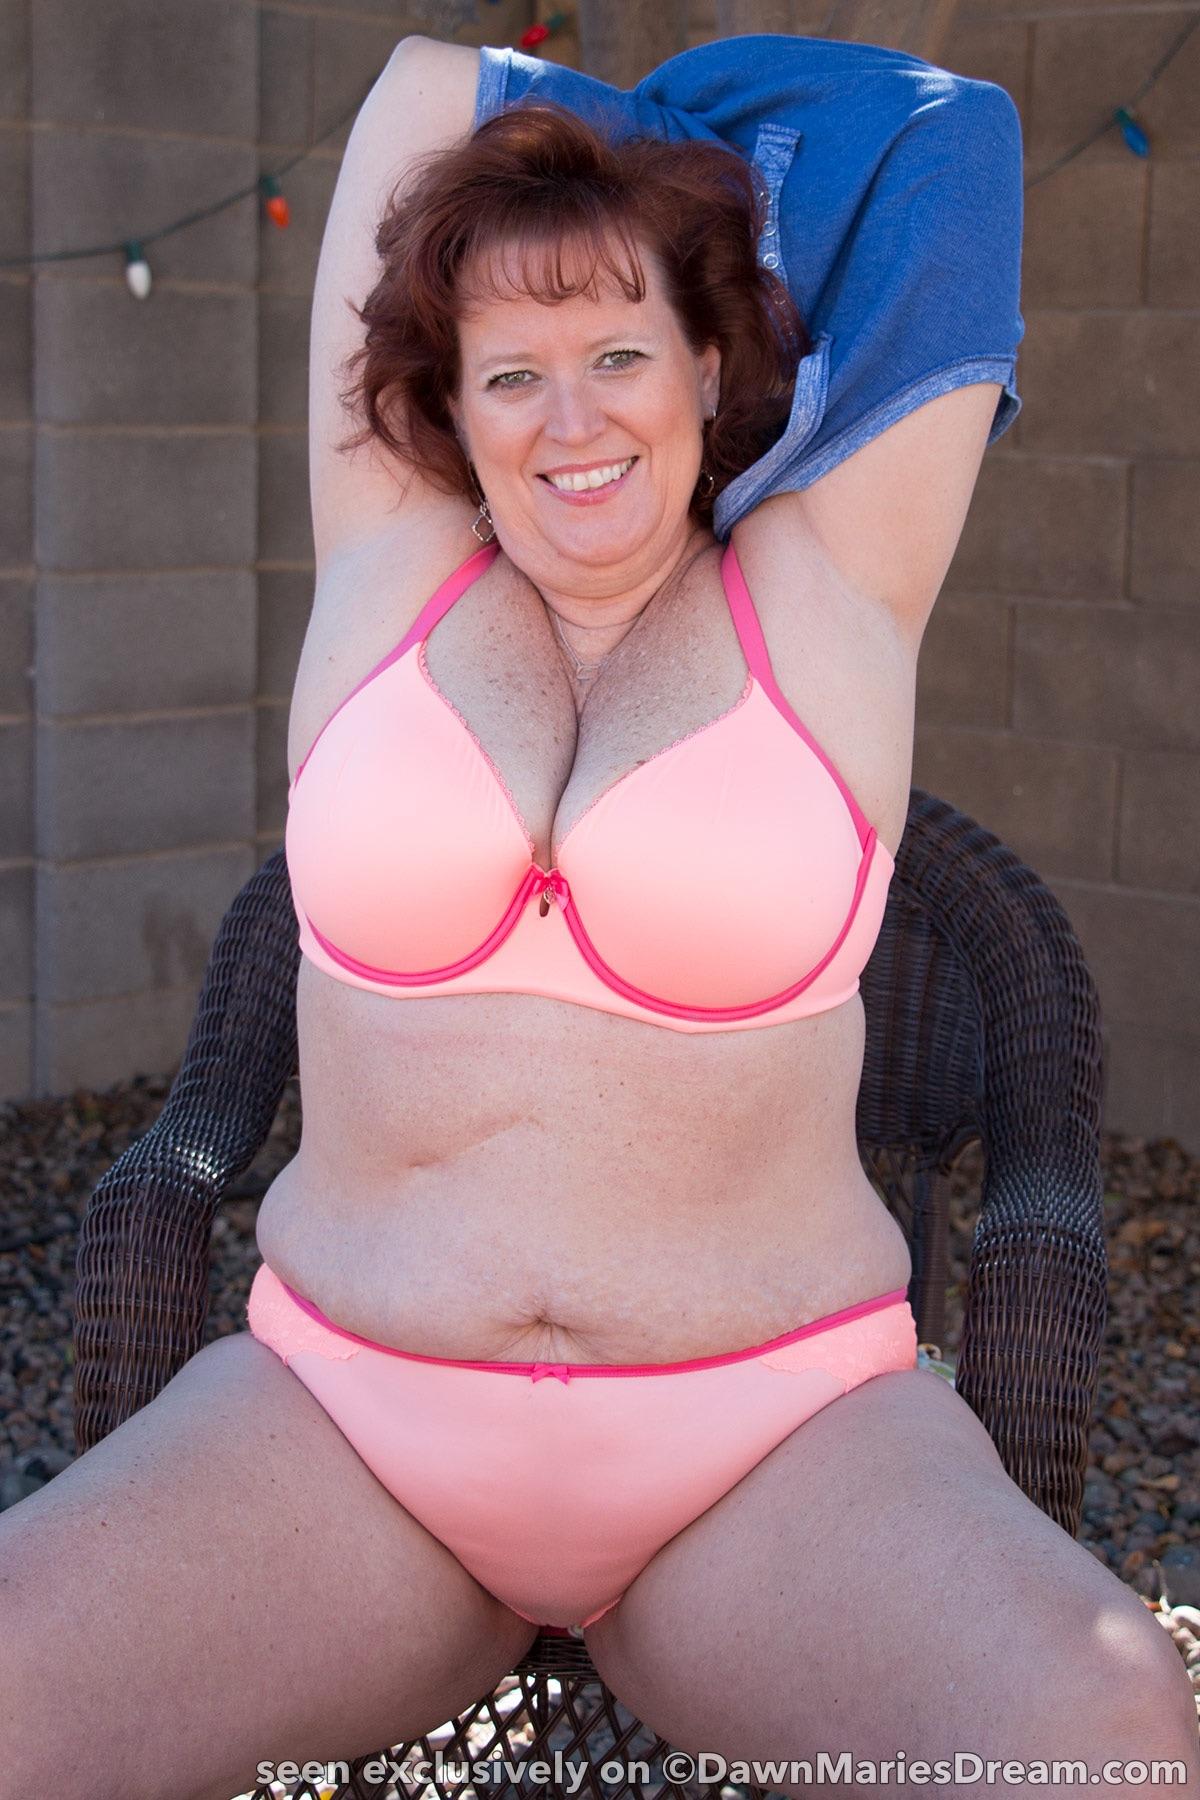 dawn marie shows her boobs